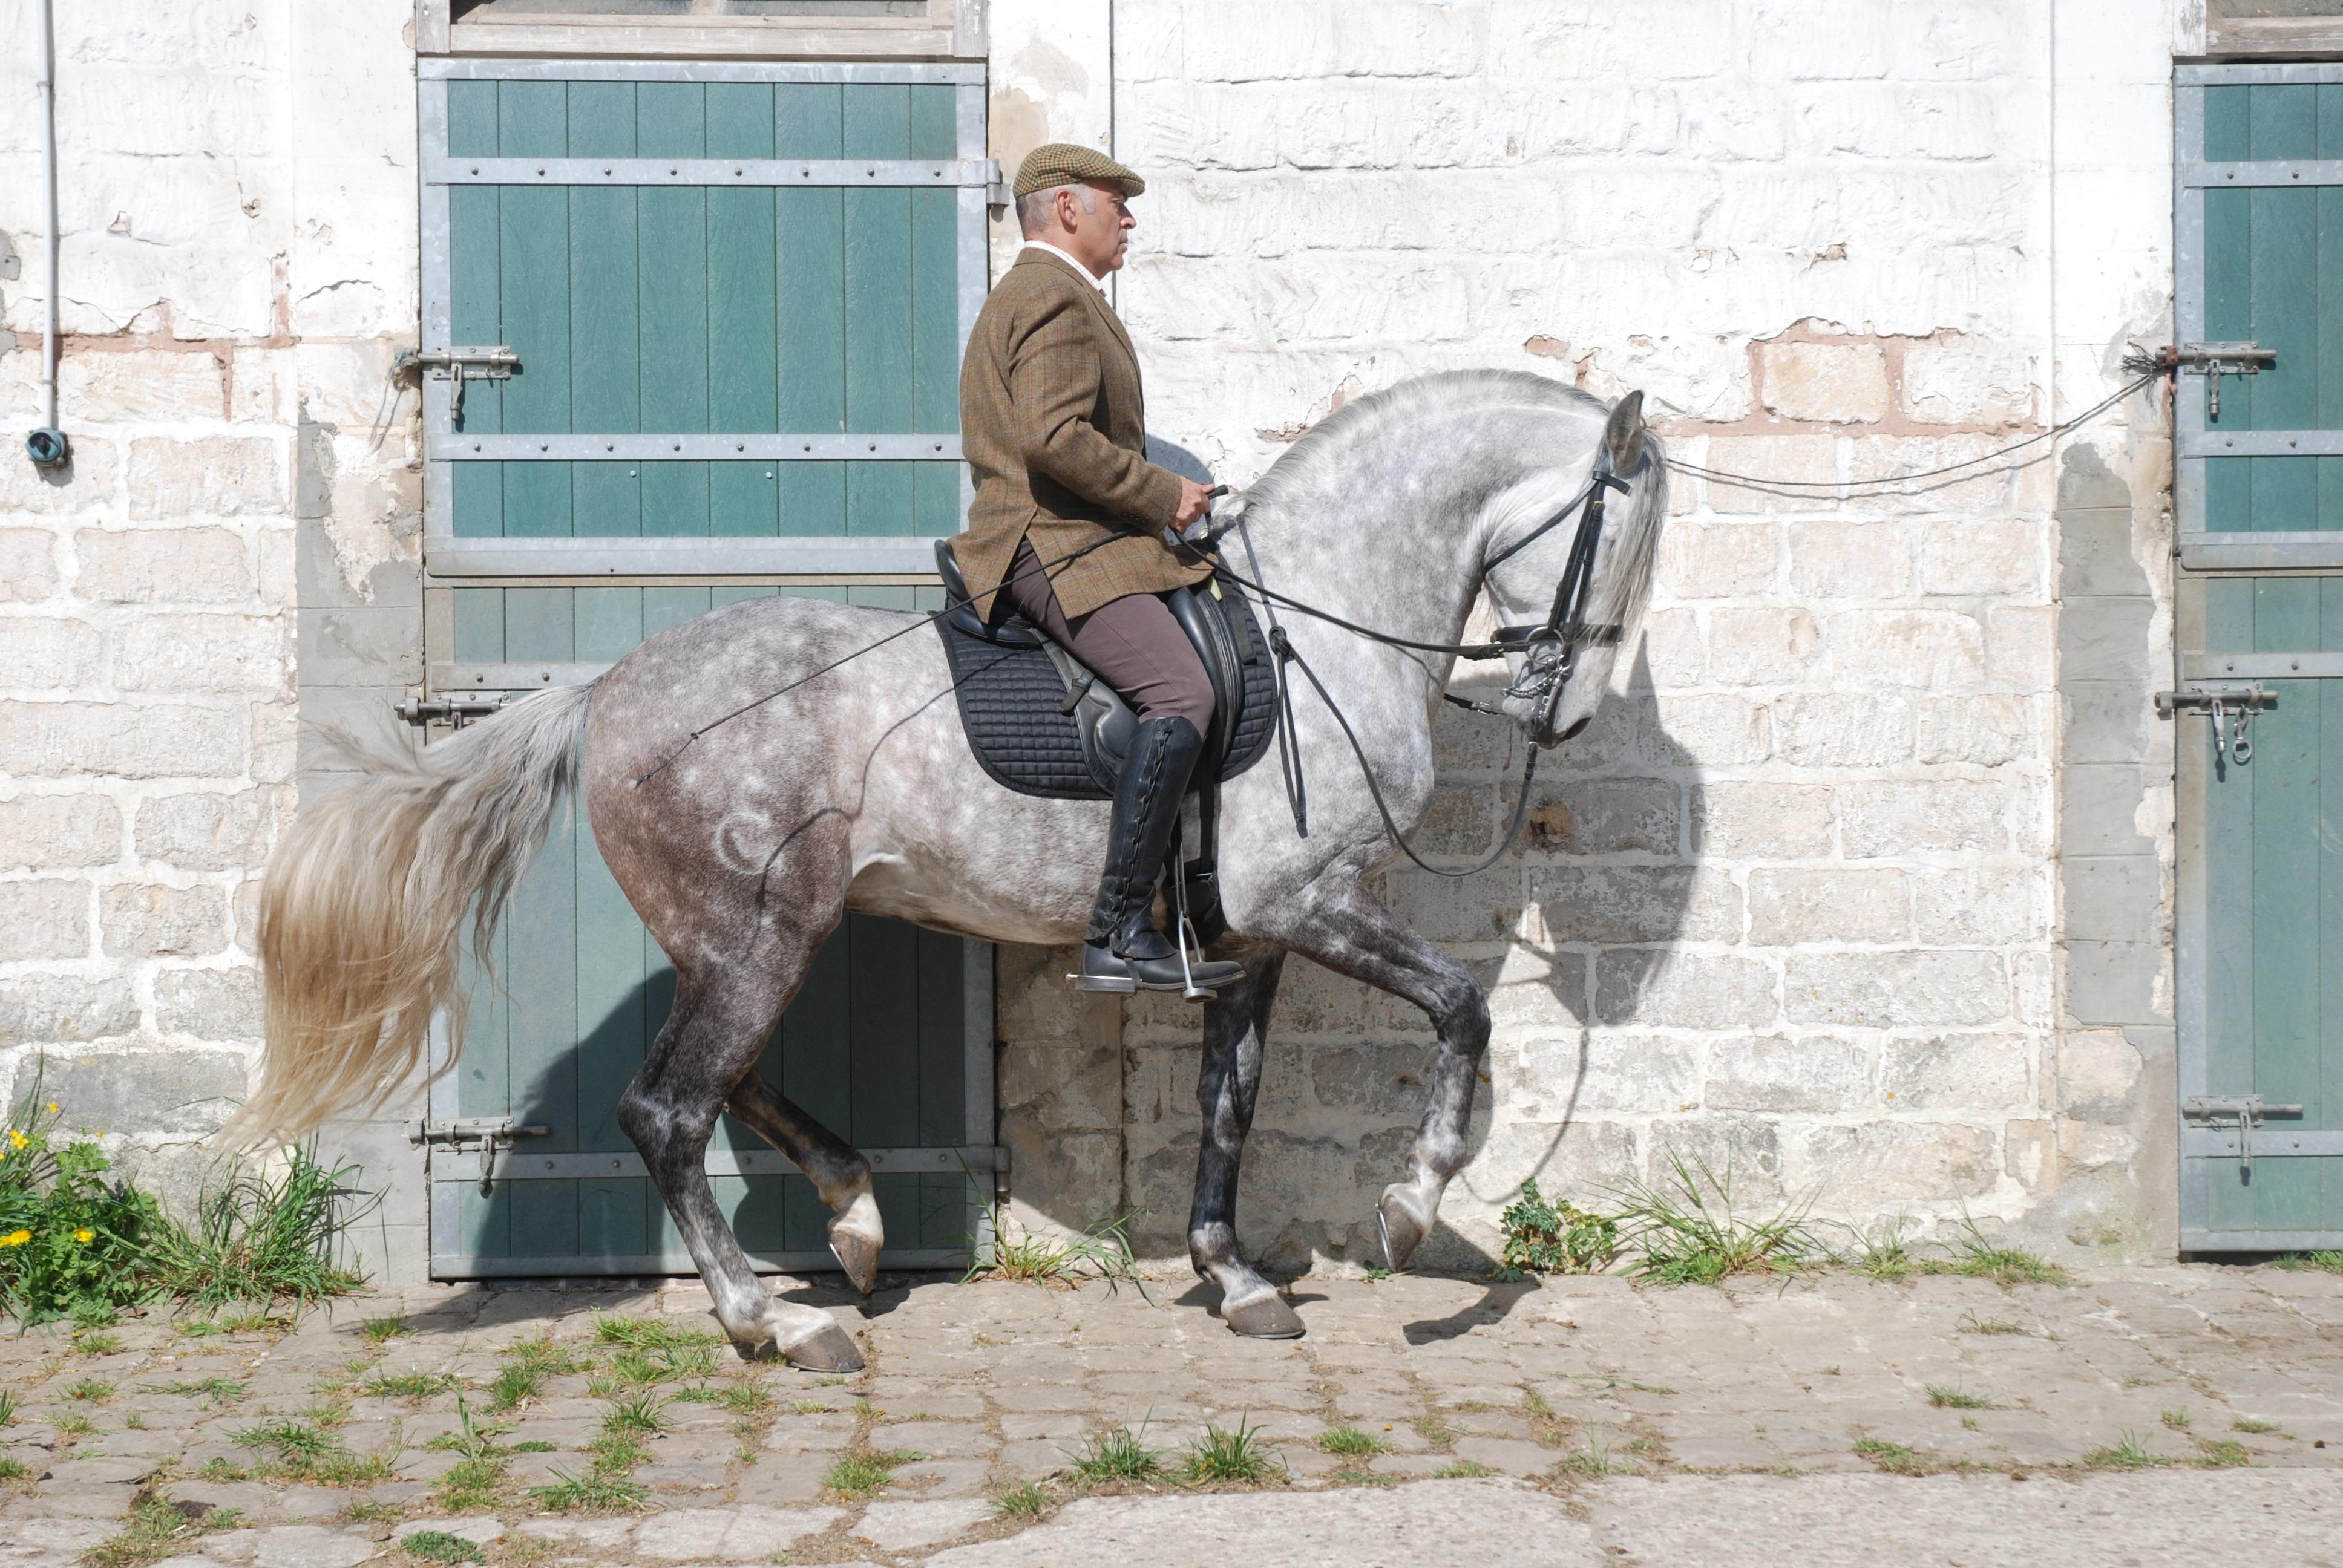 Un solfège de l'équitation, une approche inédite par Carlos Pereira dans Éthologie & Praxélogie n°19